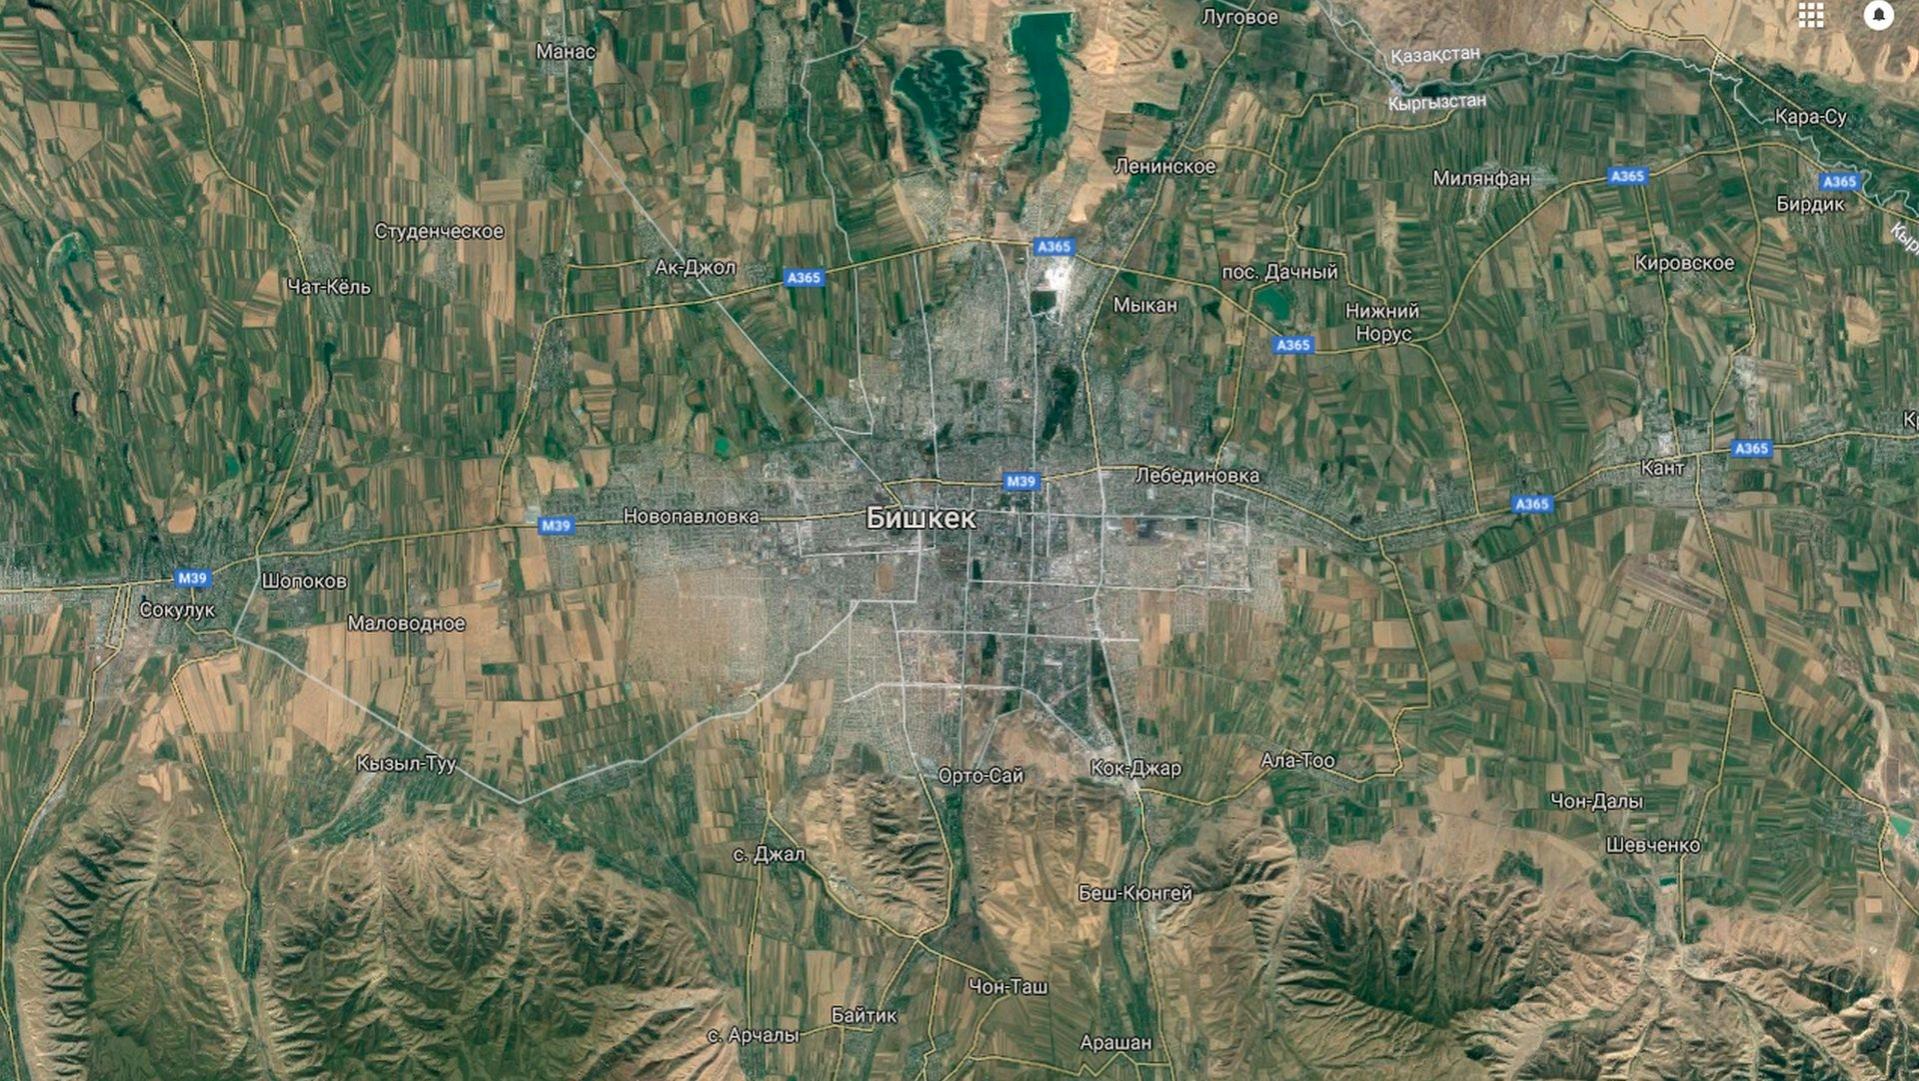 Изображение для статьи Энергия города. Анализ и перспективы развития Бишкека 2113